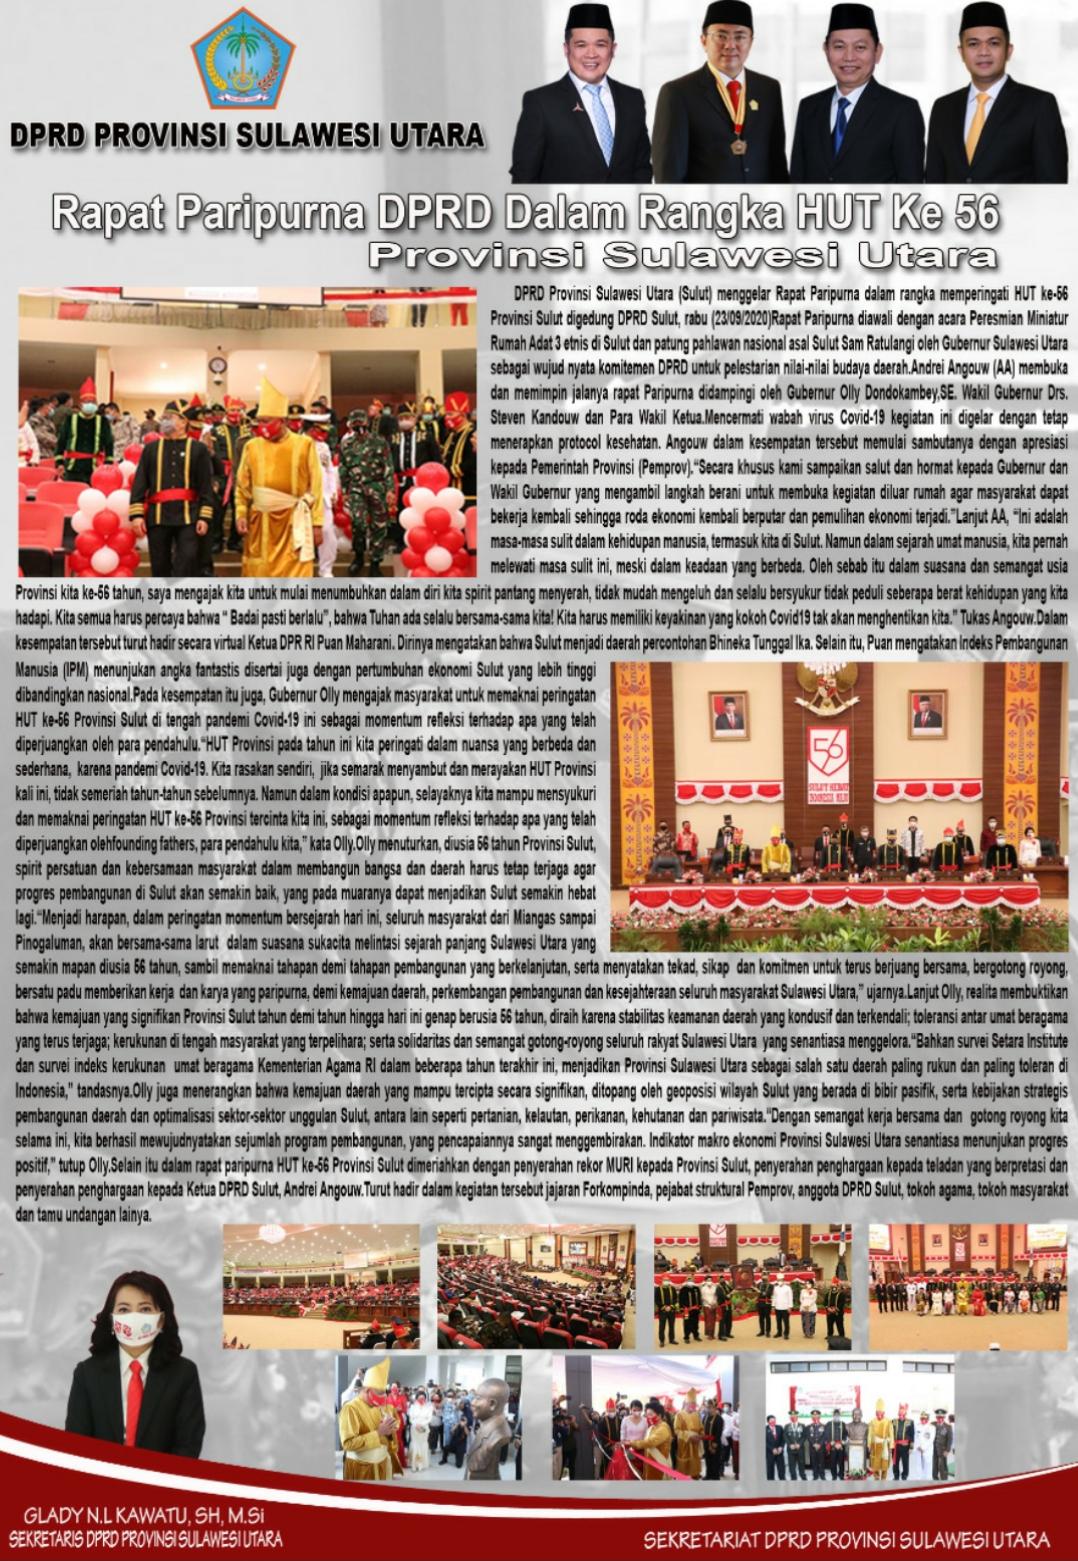 Rapat Paripurna DPRD Terkait HUT ke-56 Provinsi Sulut